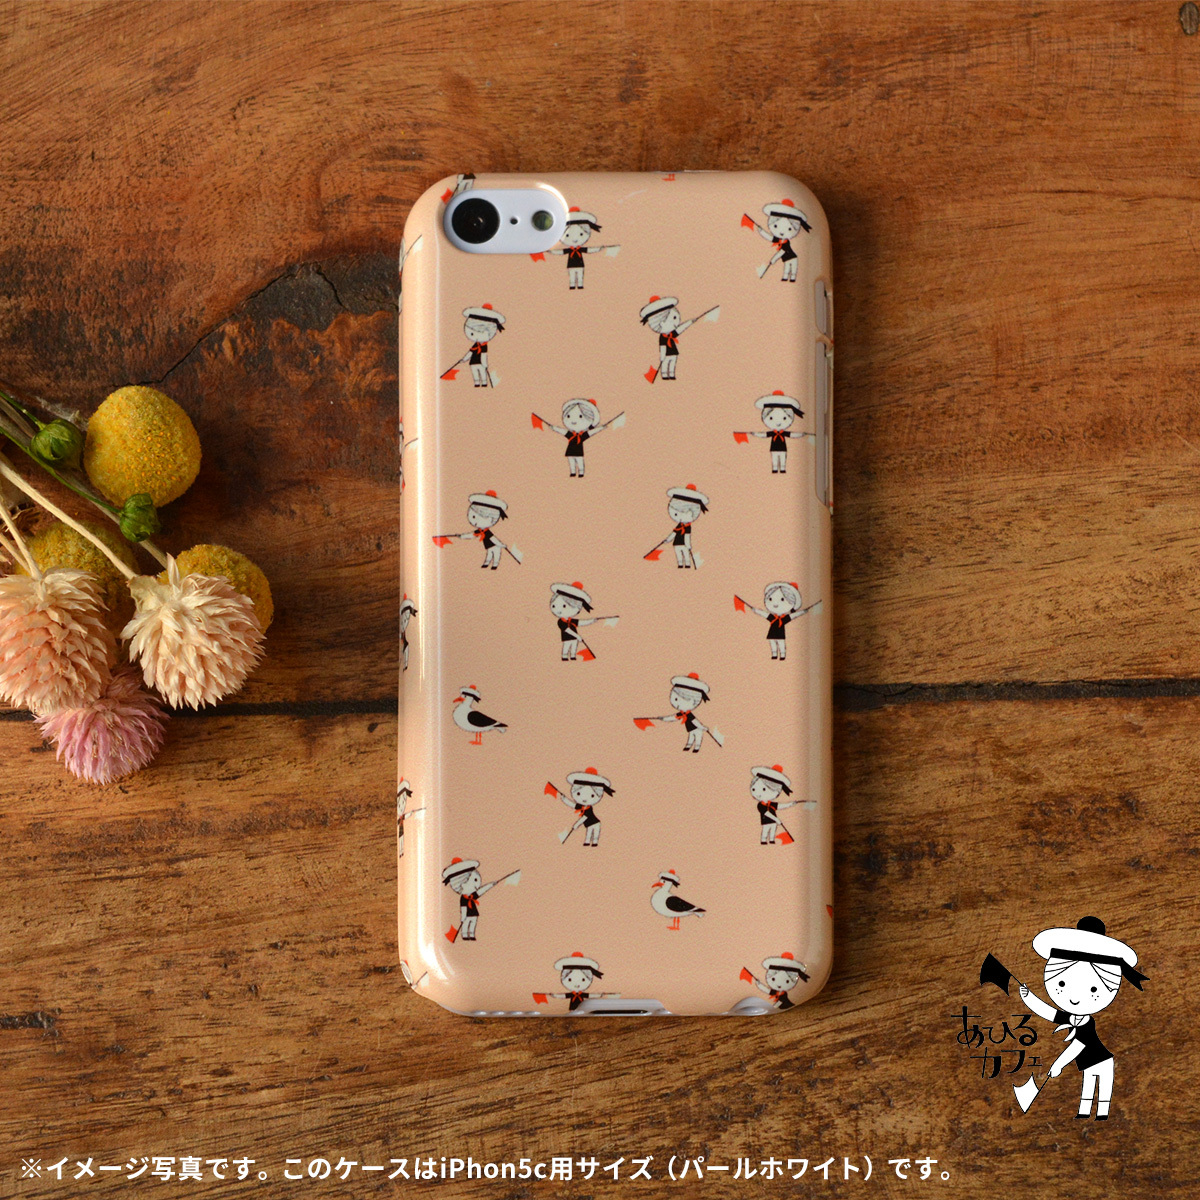 【限定色】iphone5c ケース ハードケース アイフォン5c ケース ハード iphone5c ケース キラキラ かわいい 手旗信号(ピンク)/あひるカフェ